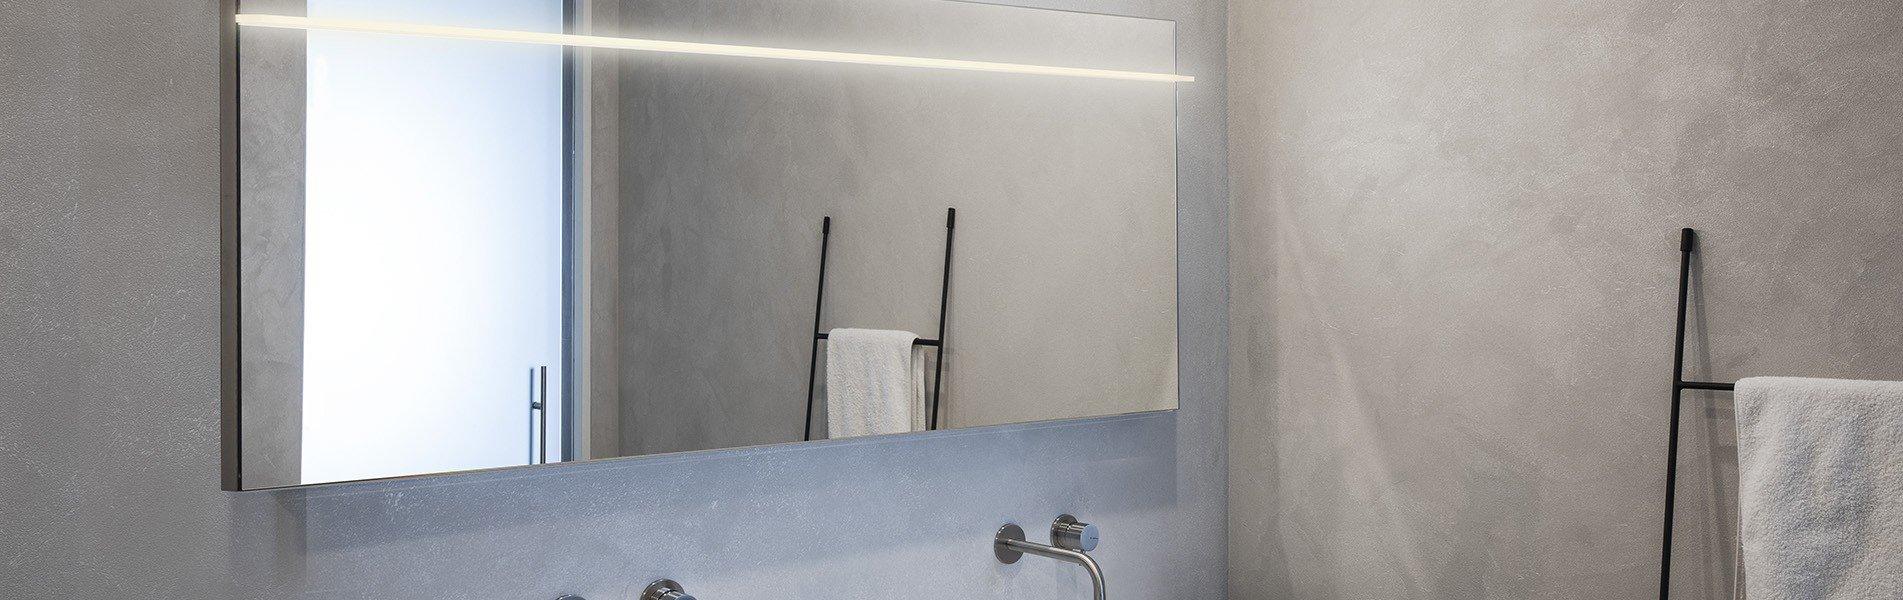 Webshop B DUTCH badkamer spiegels en spiegelkasten.